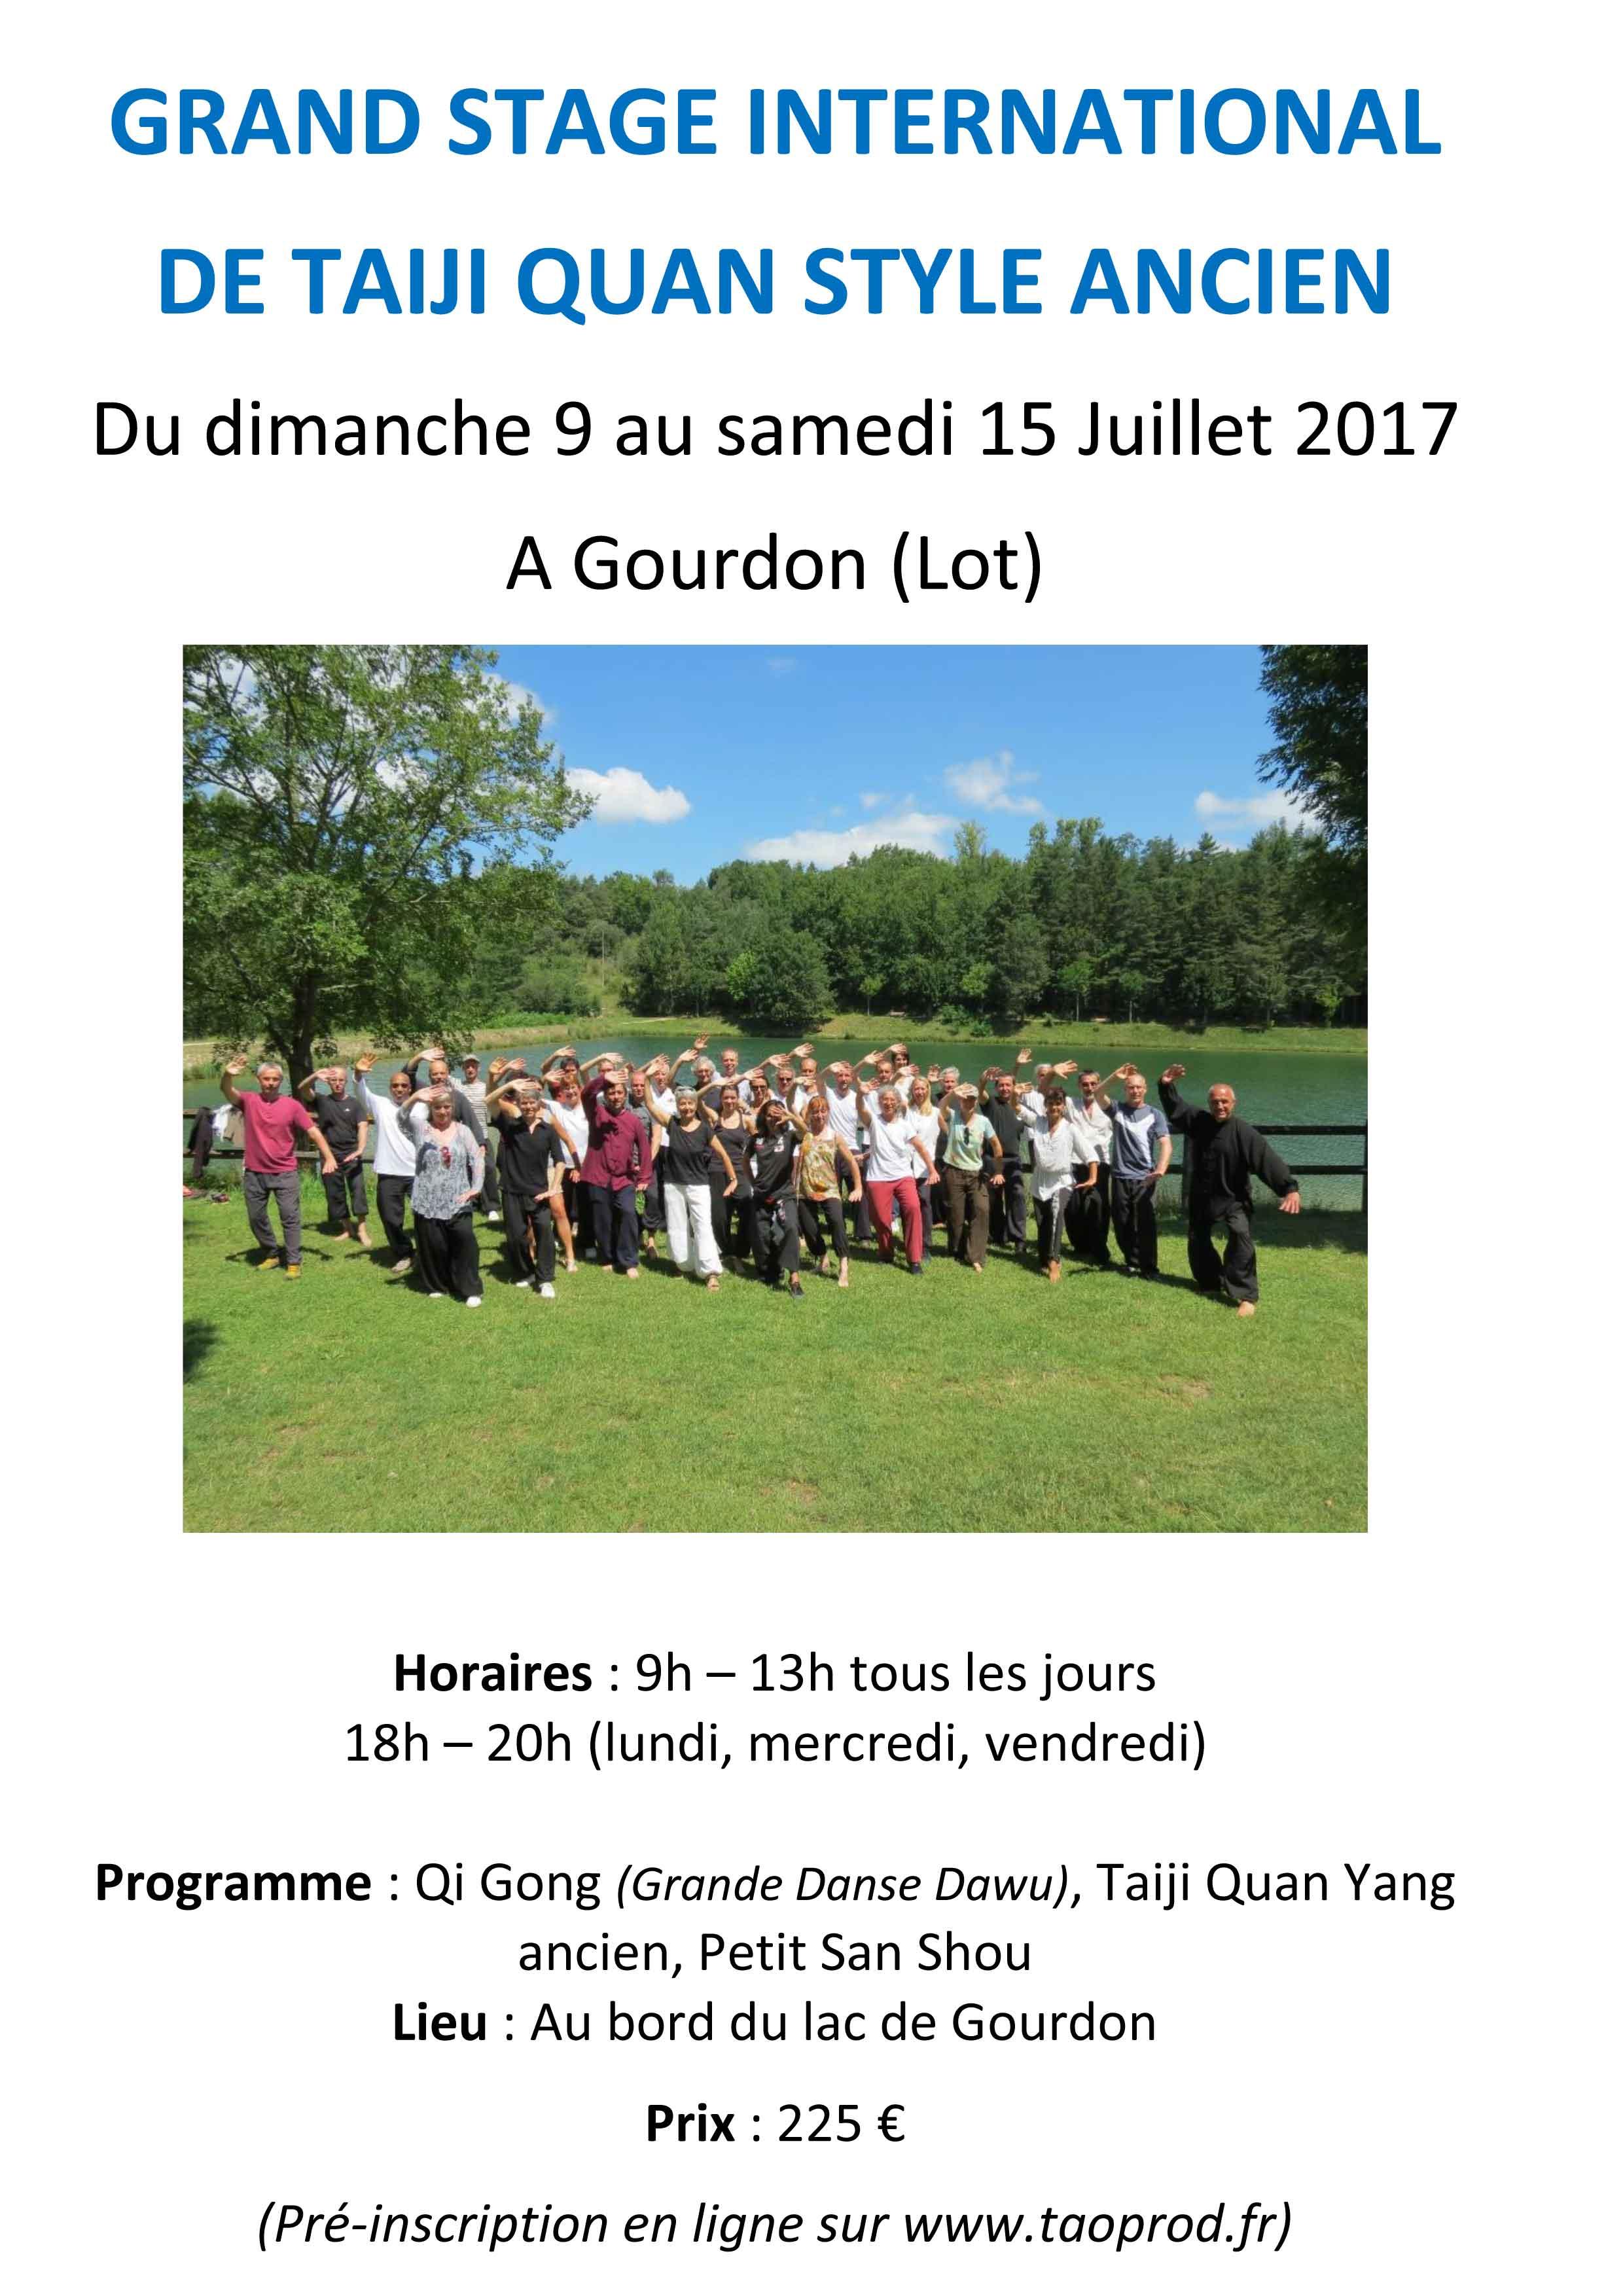 StageEteGourdon-2017